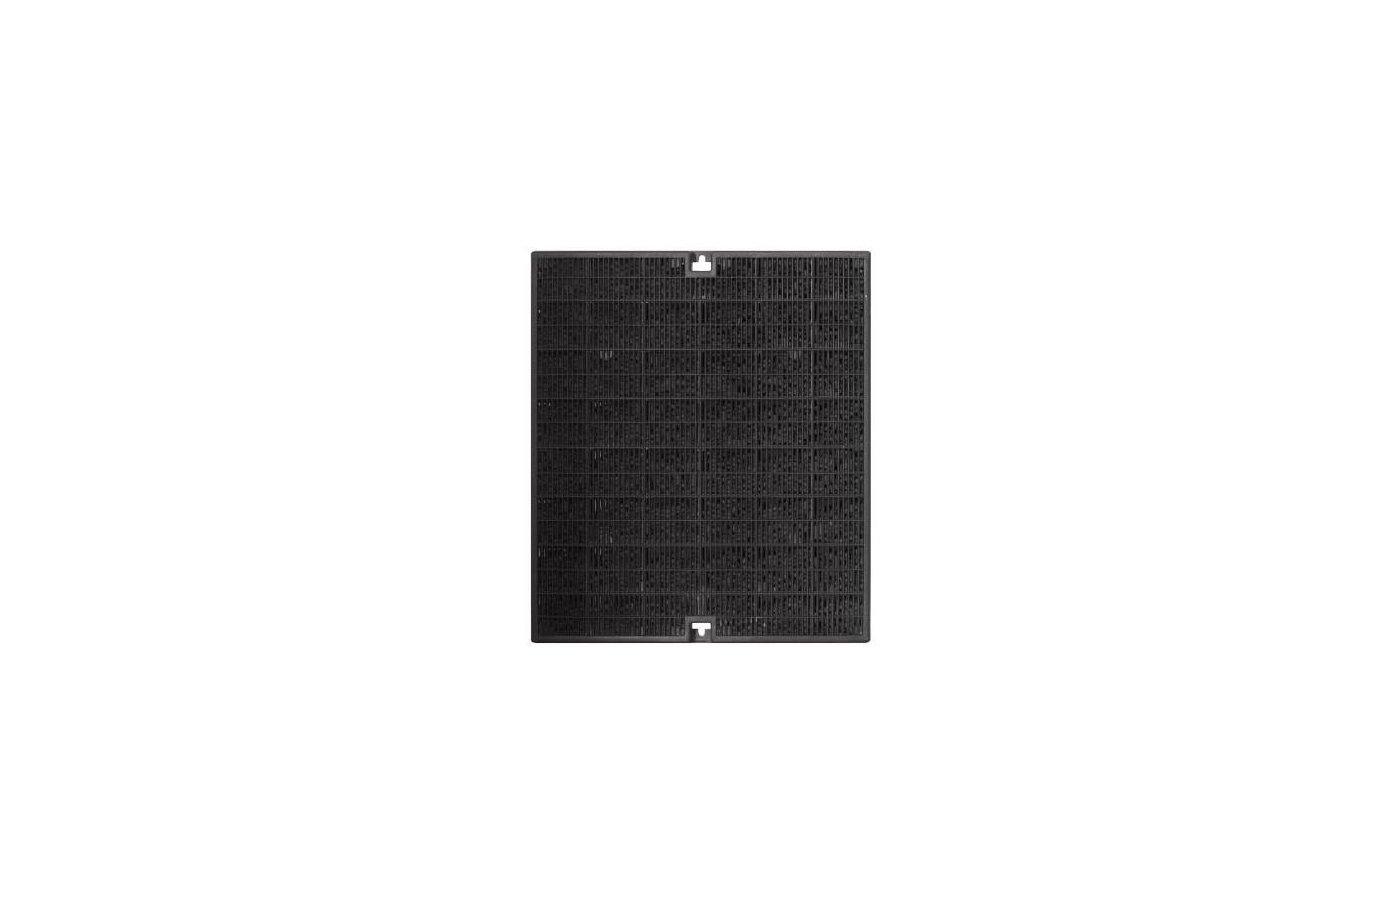 Фильтры для воздухоочистителей SHINDO фильтр угольный тип S.C.HC 02.09 (1 шт.)